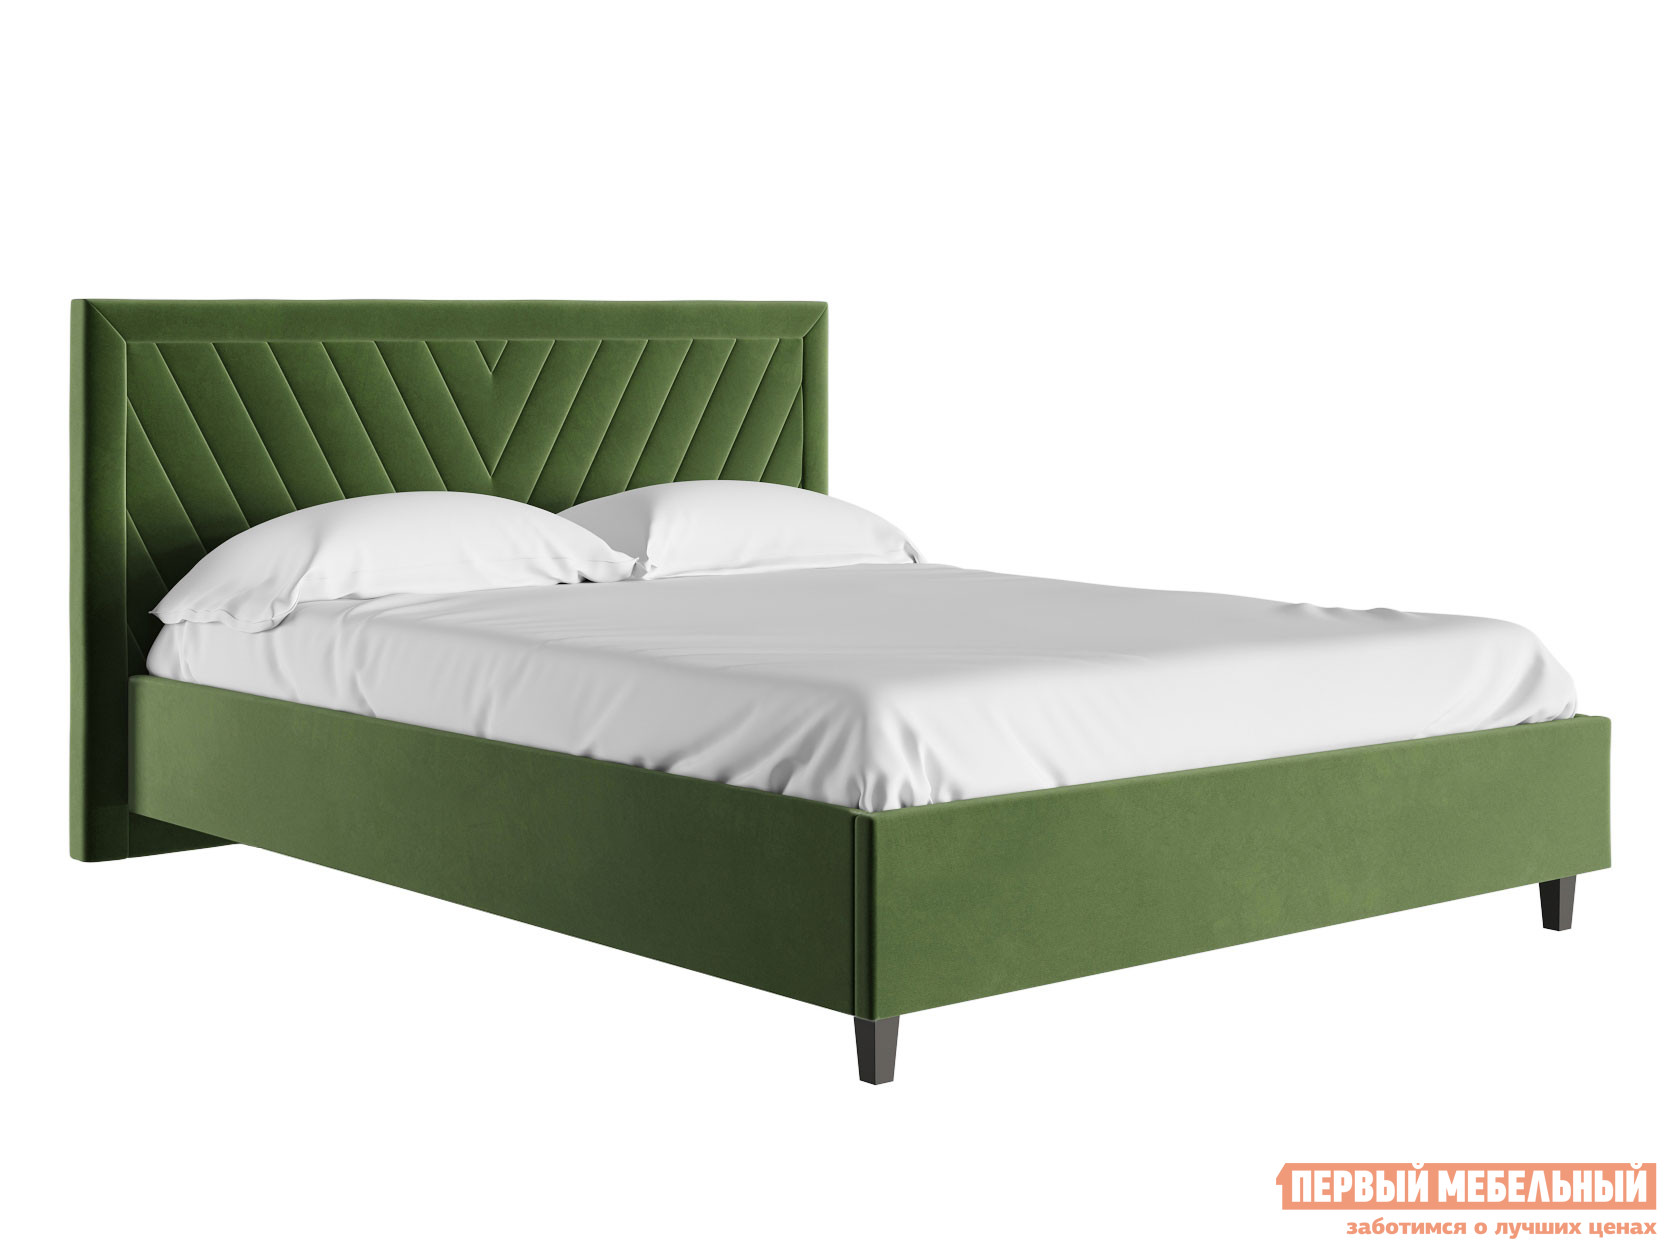 Двуспальная кровать  Кровать с подъемным механизмом Саманта Зелёный, микровелюр, 1600 Х 2000 мм